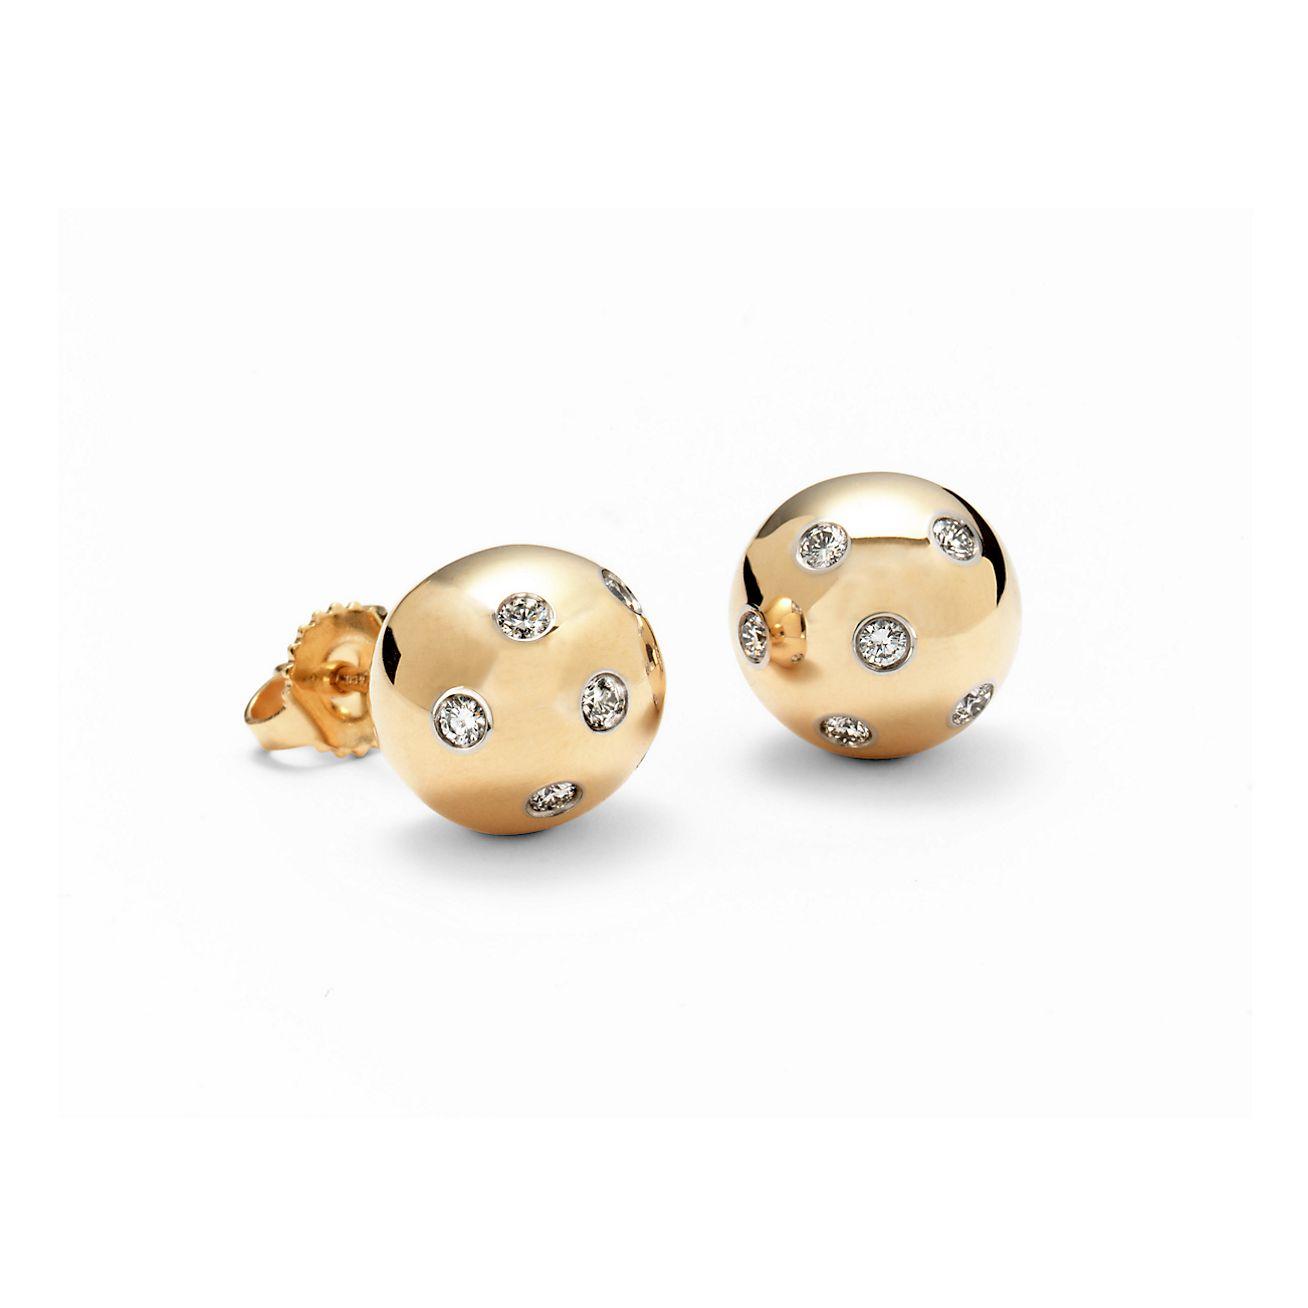 tiffany silver ball earrings uk